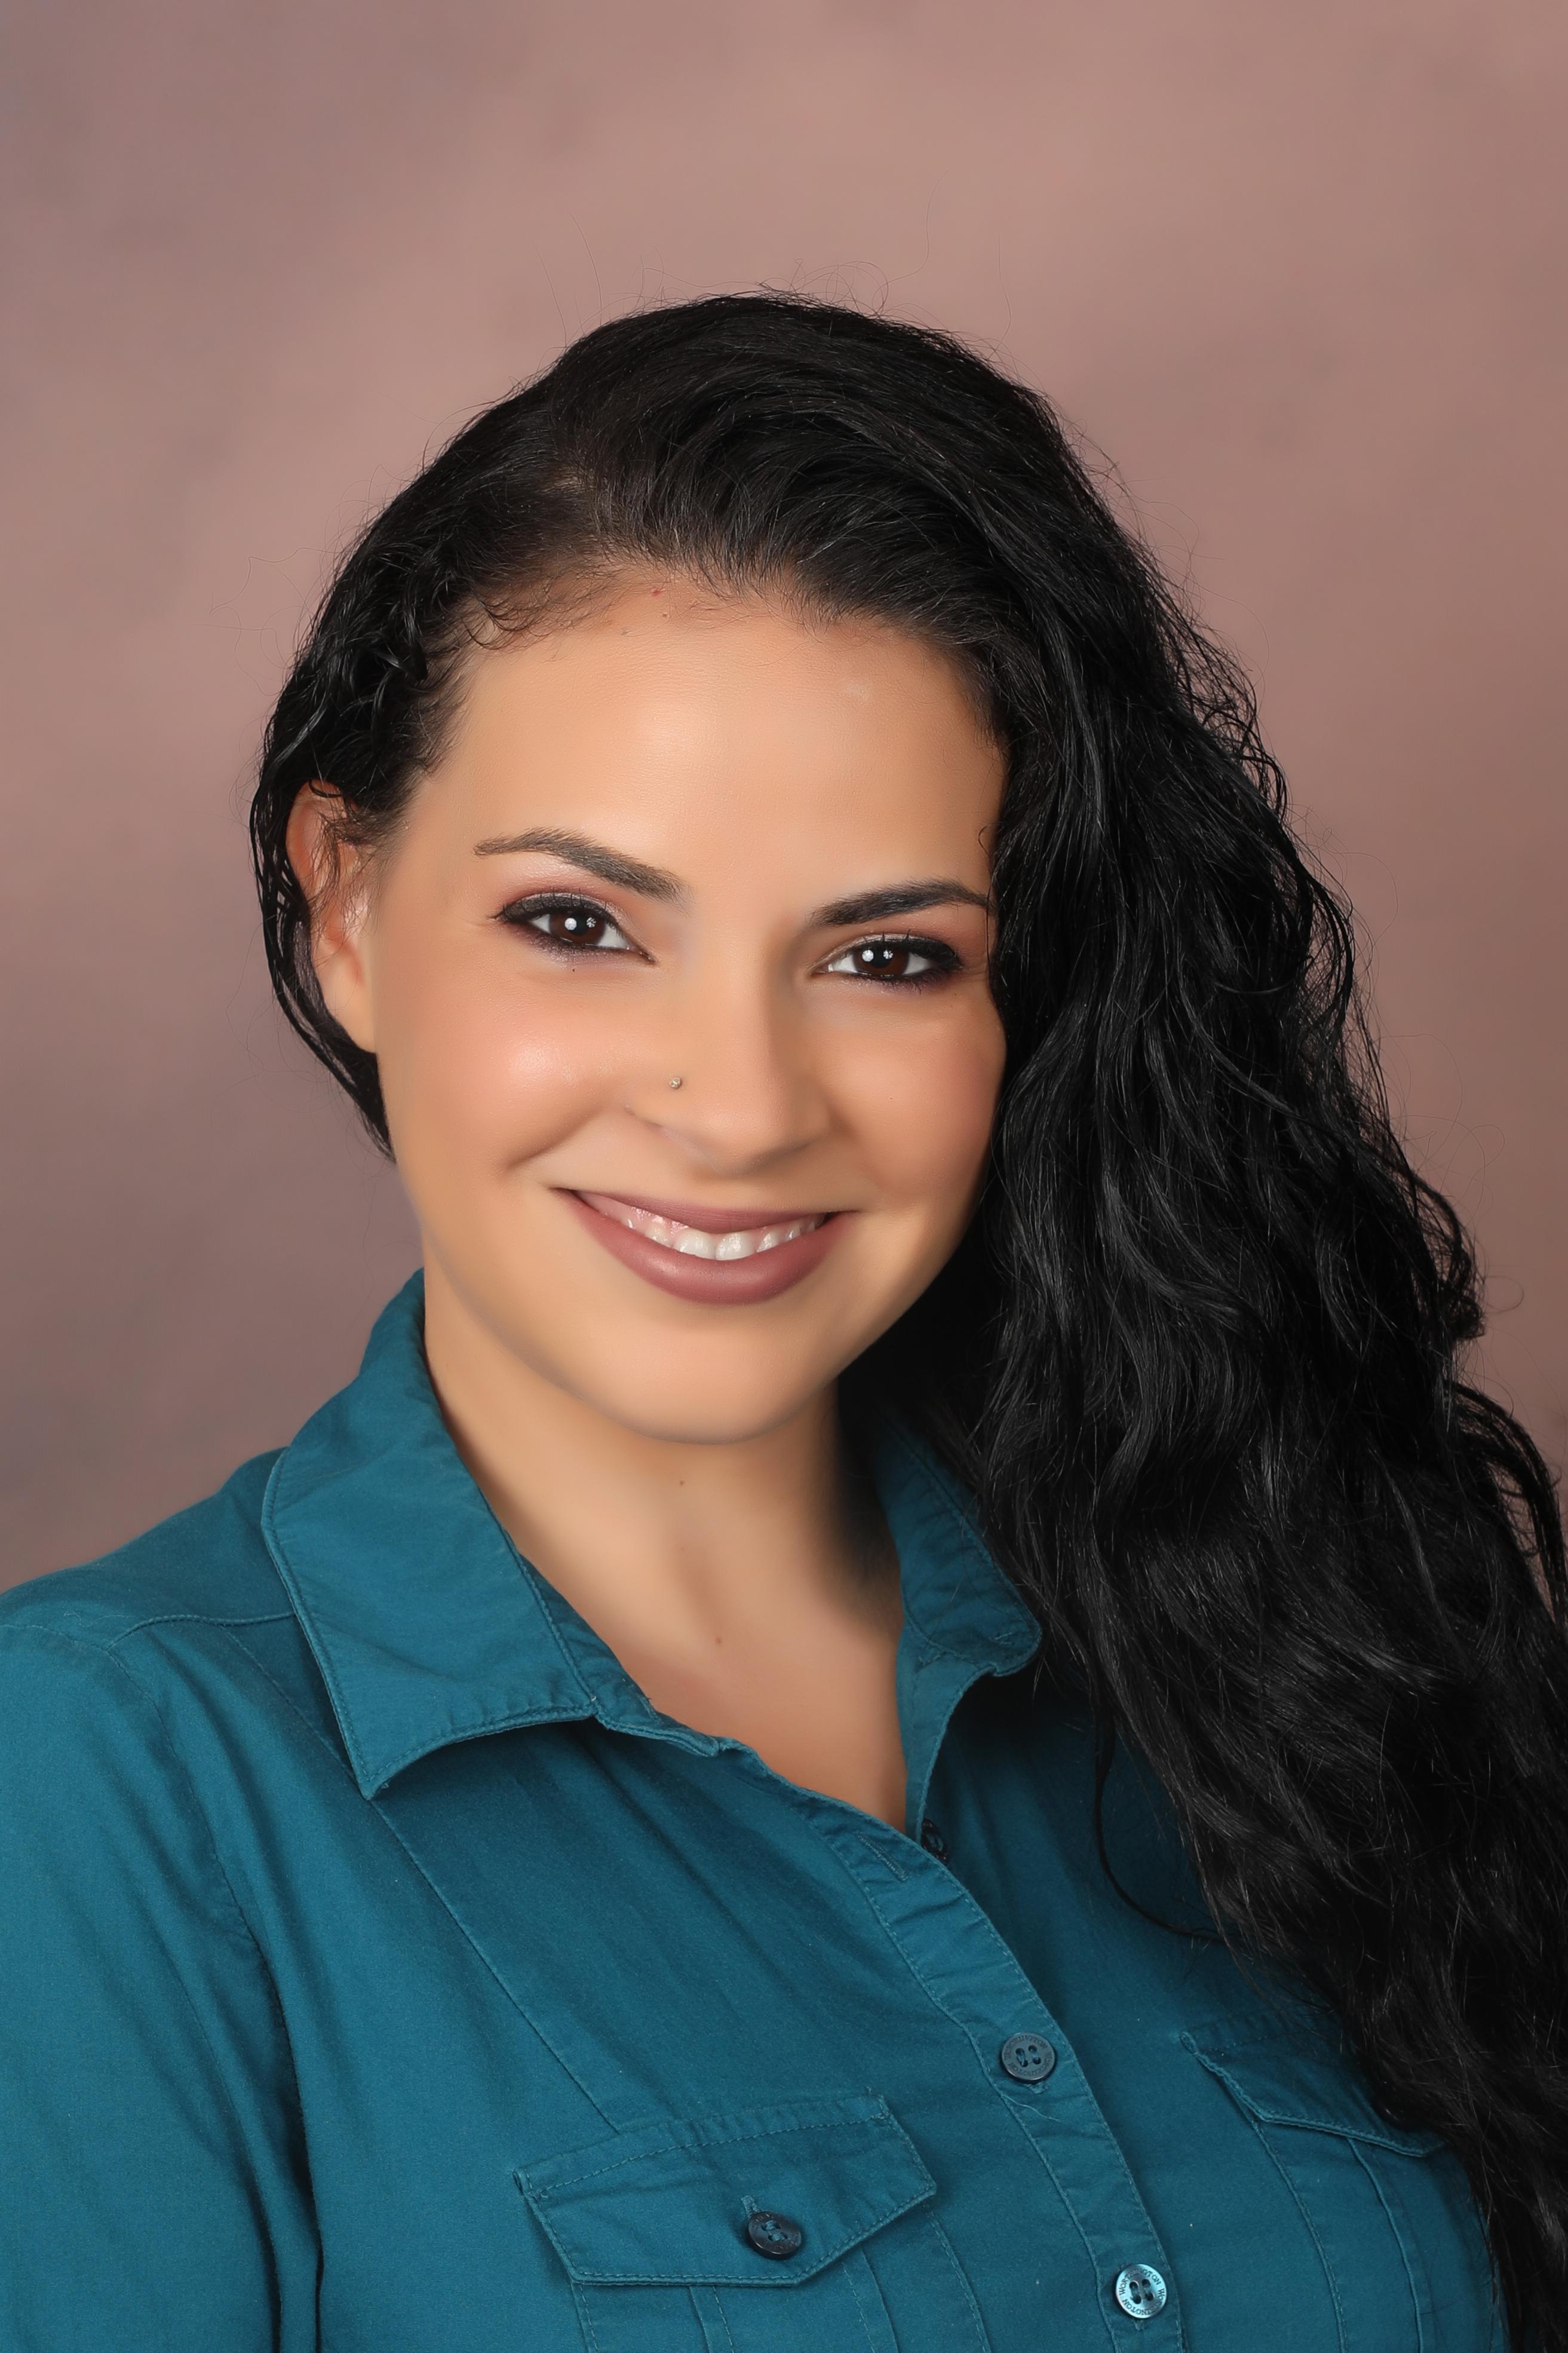 Pastor Lisette Puentes